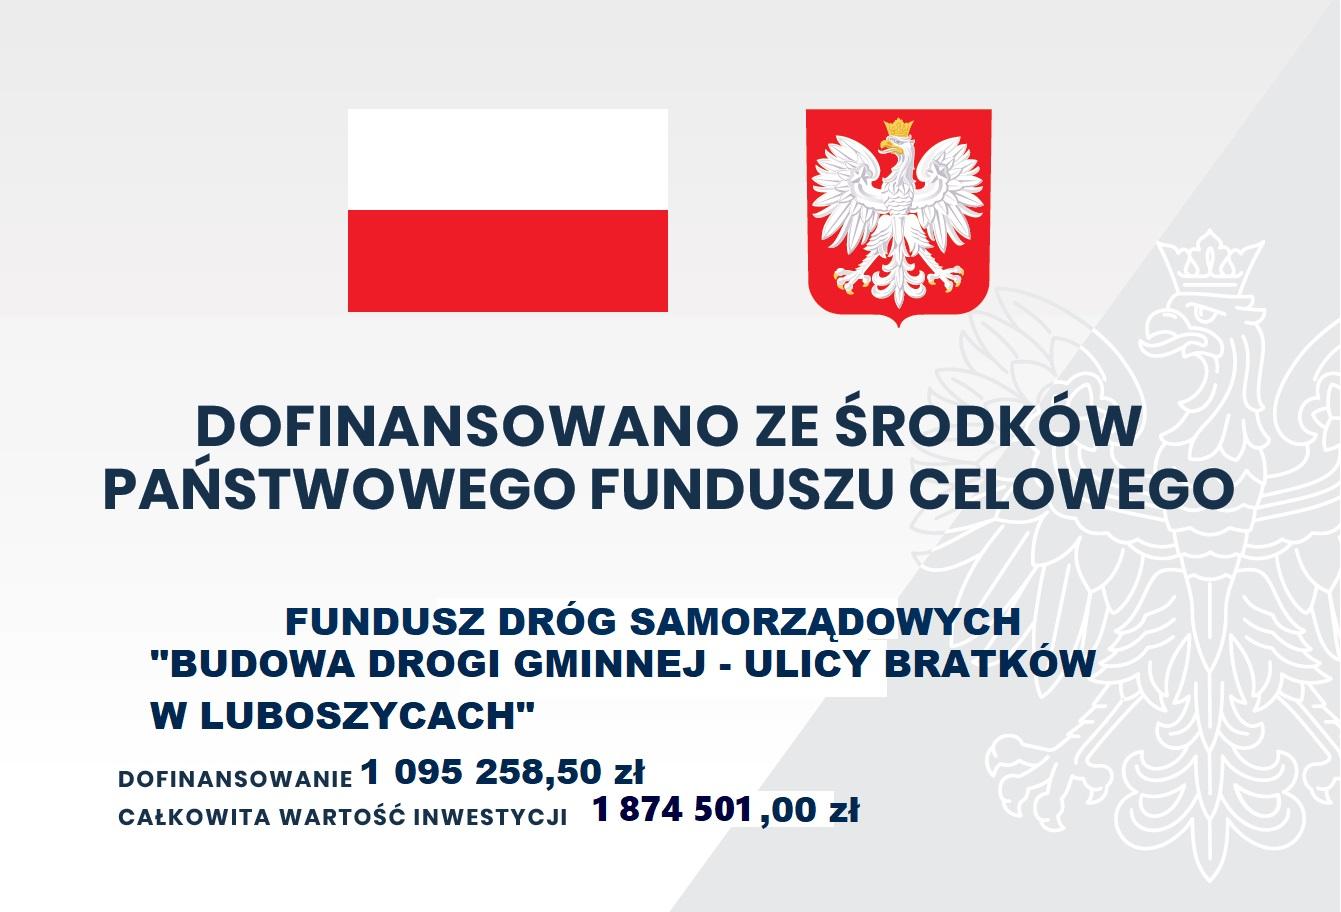 """Fundusz Dróg Samorządowych """"Budowa Drogi Gminnej - ulicy Bratków w Luboszycach"""""""